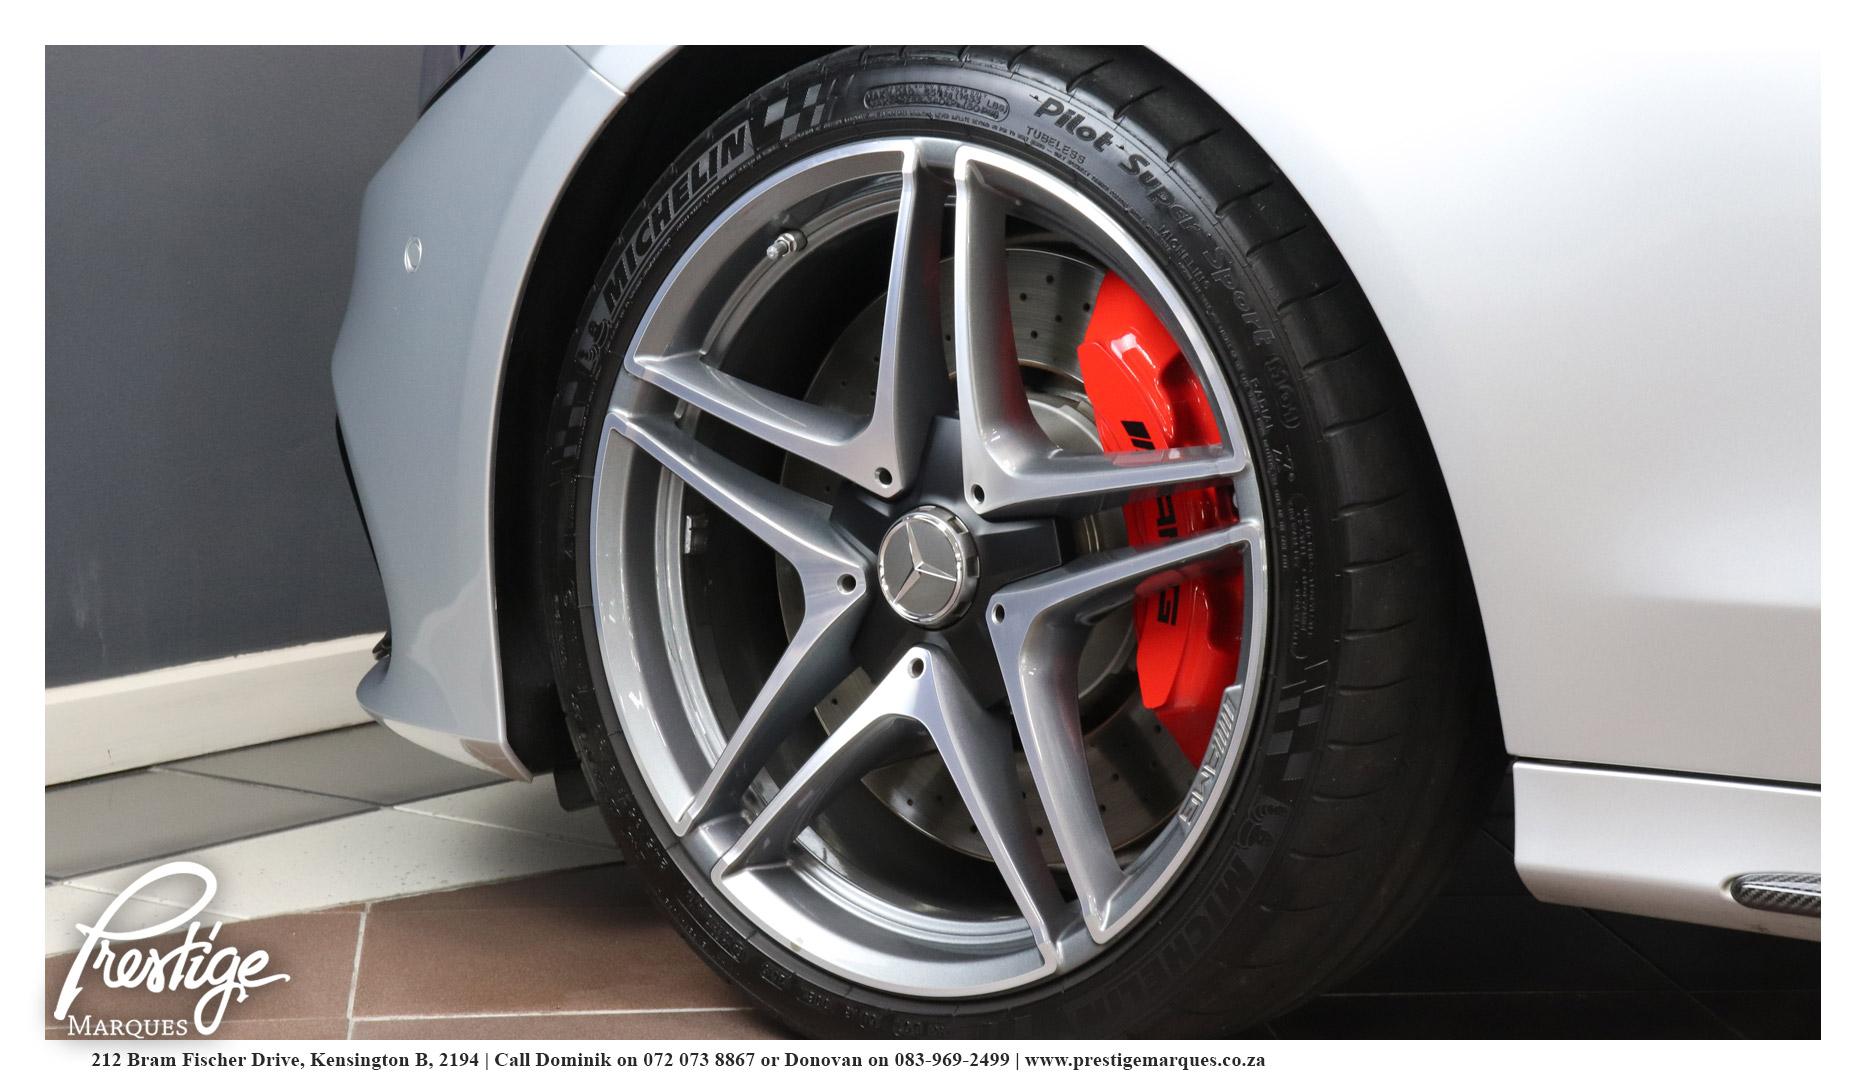 Mercedes-Benz-C63s-AMG-Prestige-Marques-12